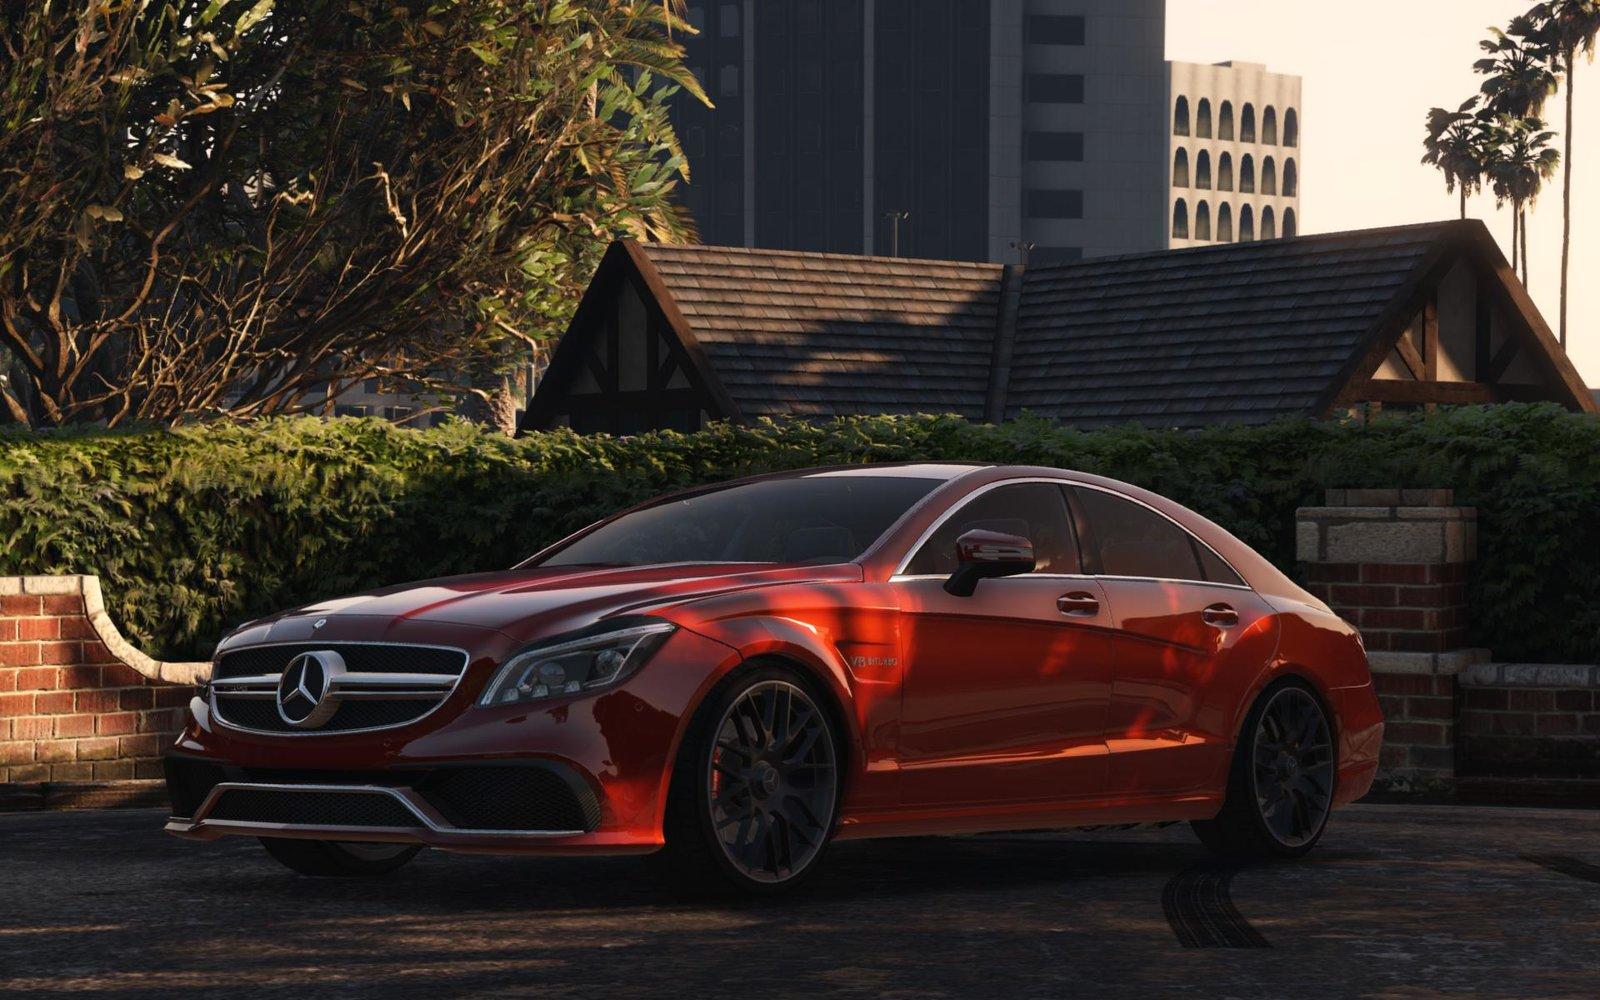 Mercedes Benz Cls 6 3 Amg 2015 Vehicules Pour Gta V Sur